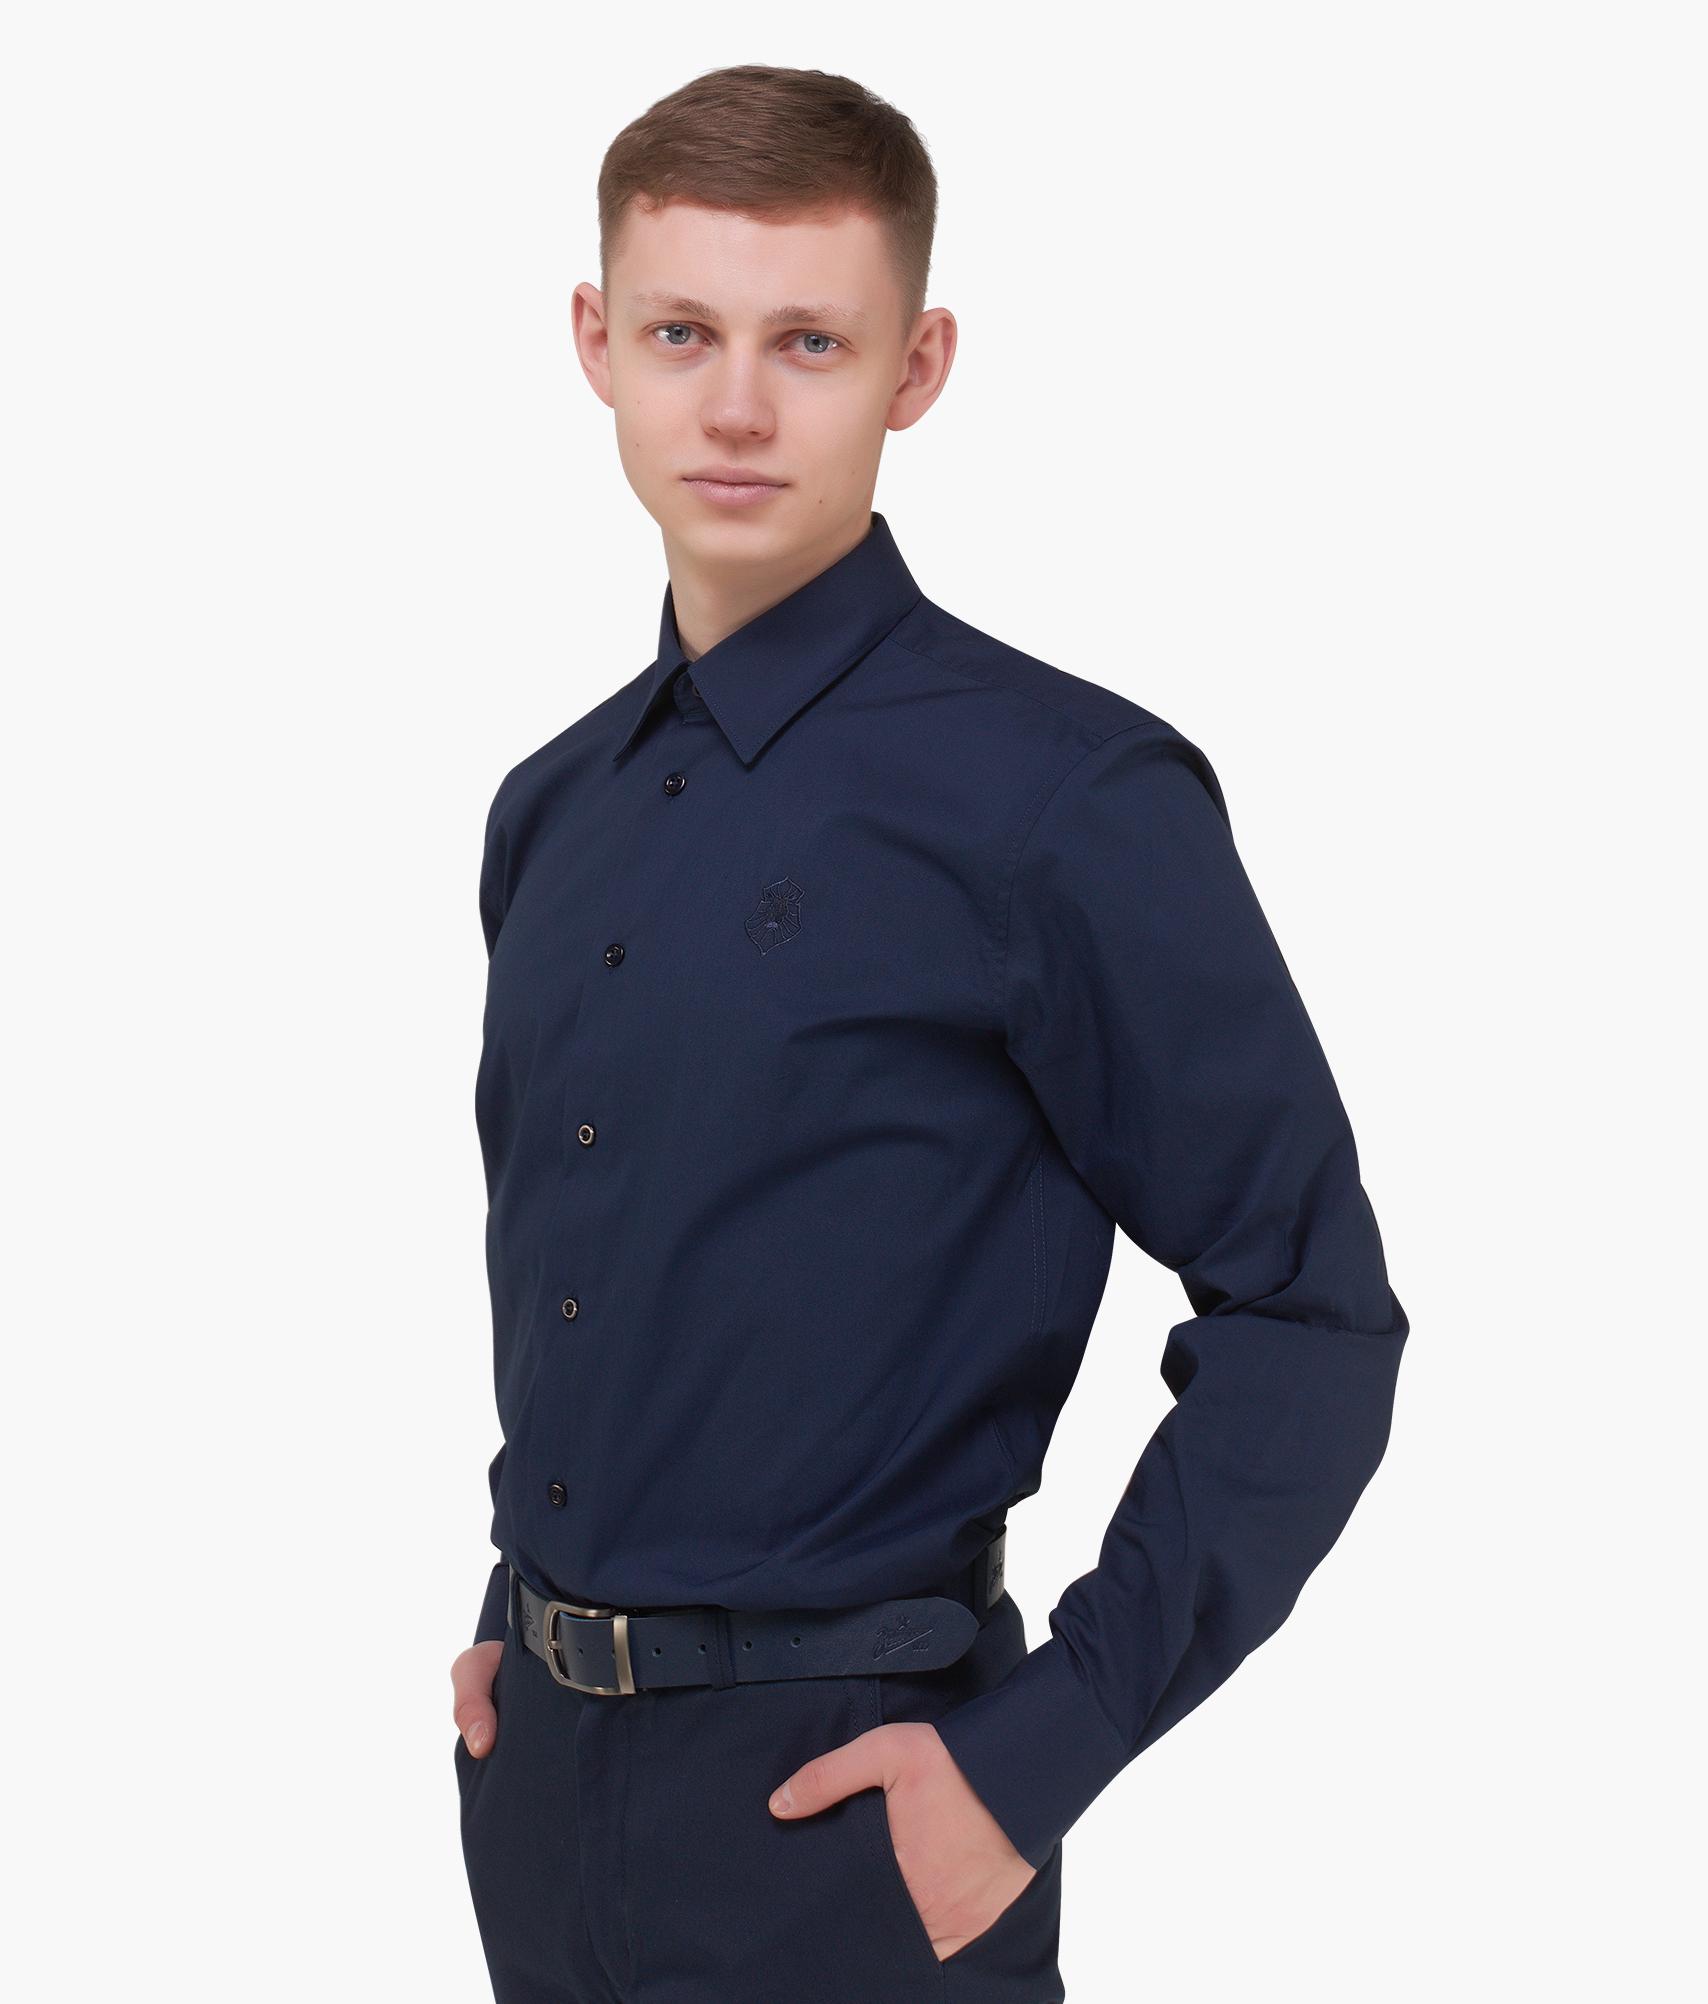 Рубашка мужская Зенит Цвет-Темно-Синий бейсболка мужская quiksilver starkness цвет темно синий aqyha04308 bng0 размер универсальный